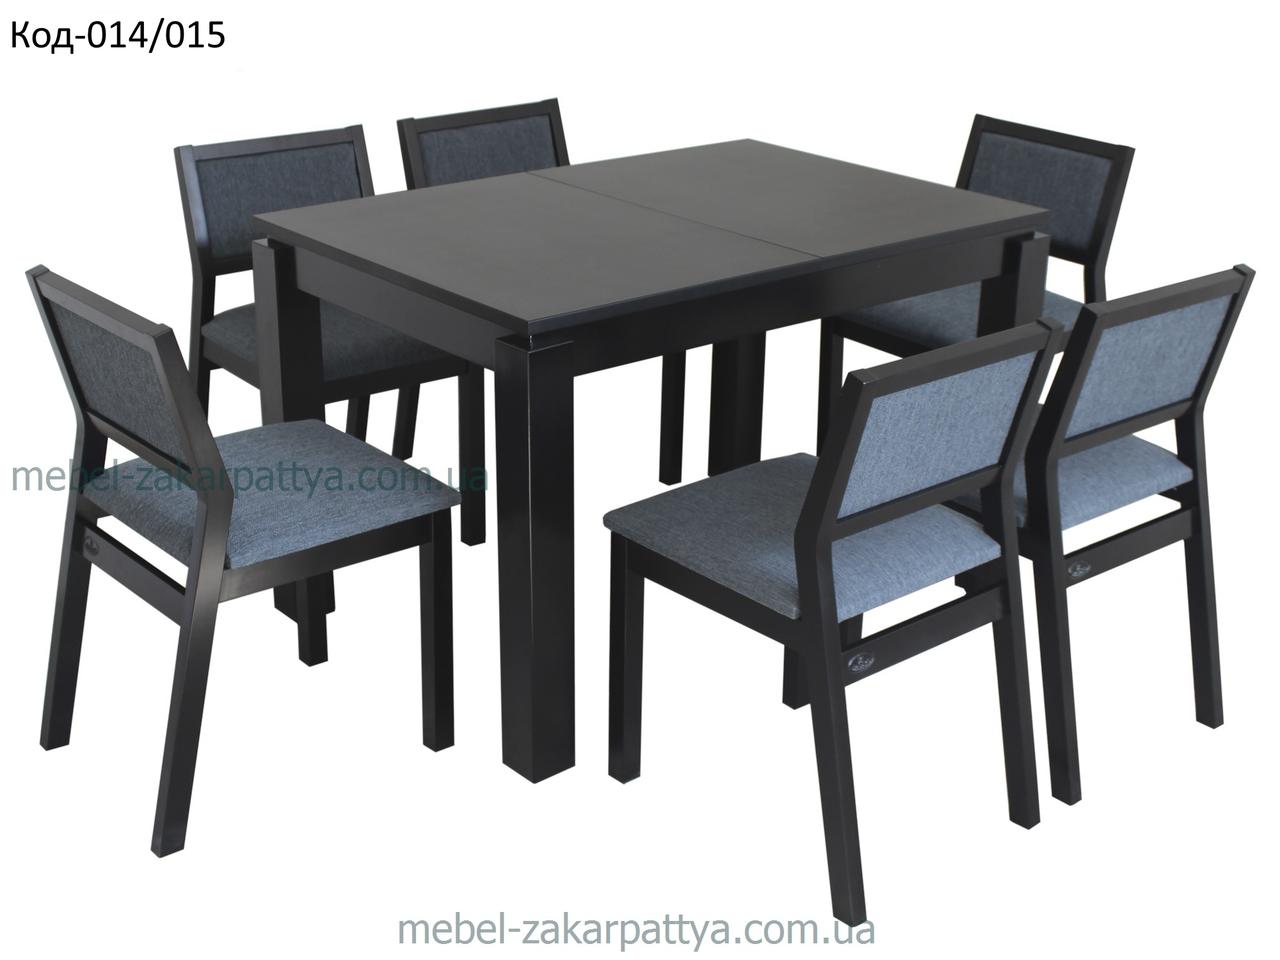 Комплект кухонный обеденный (стол и стулья) Код-014/015